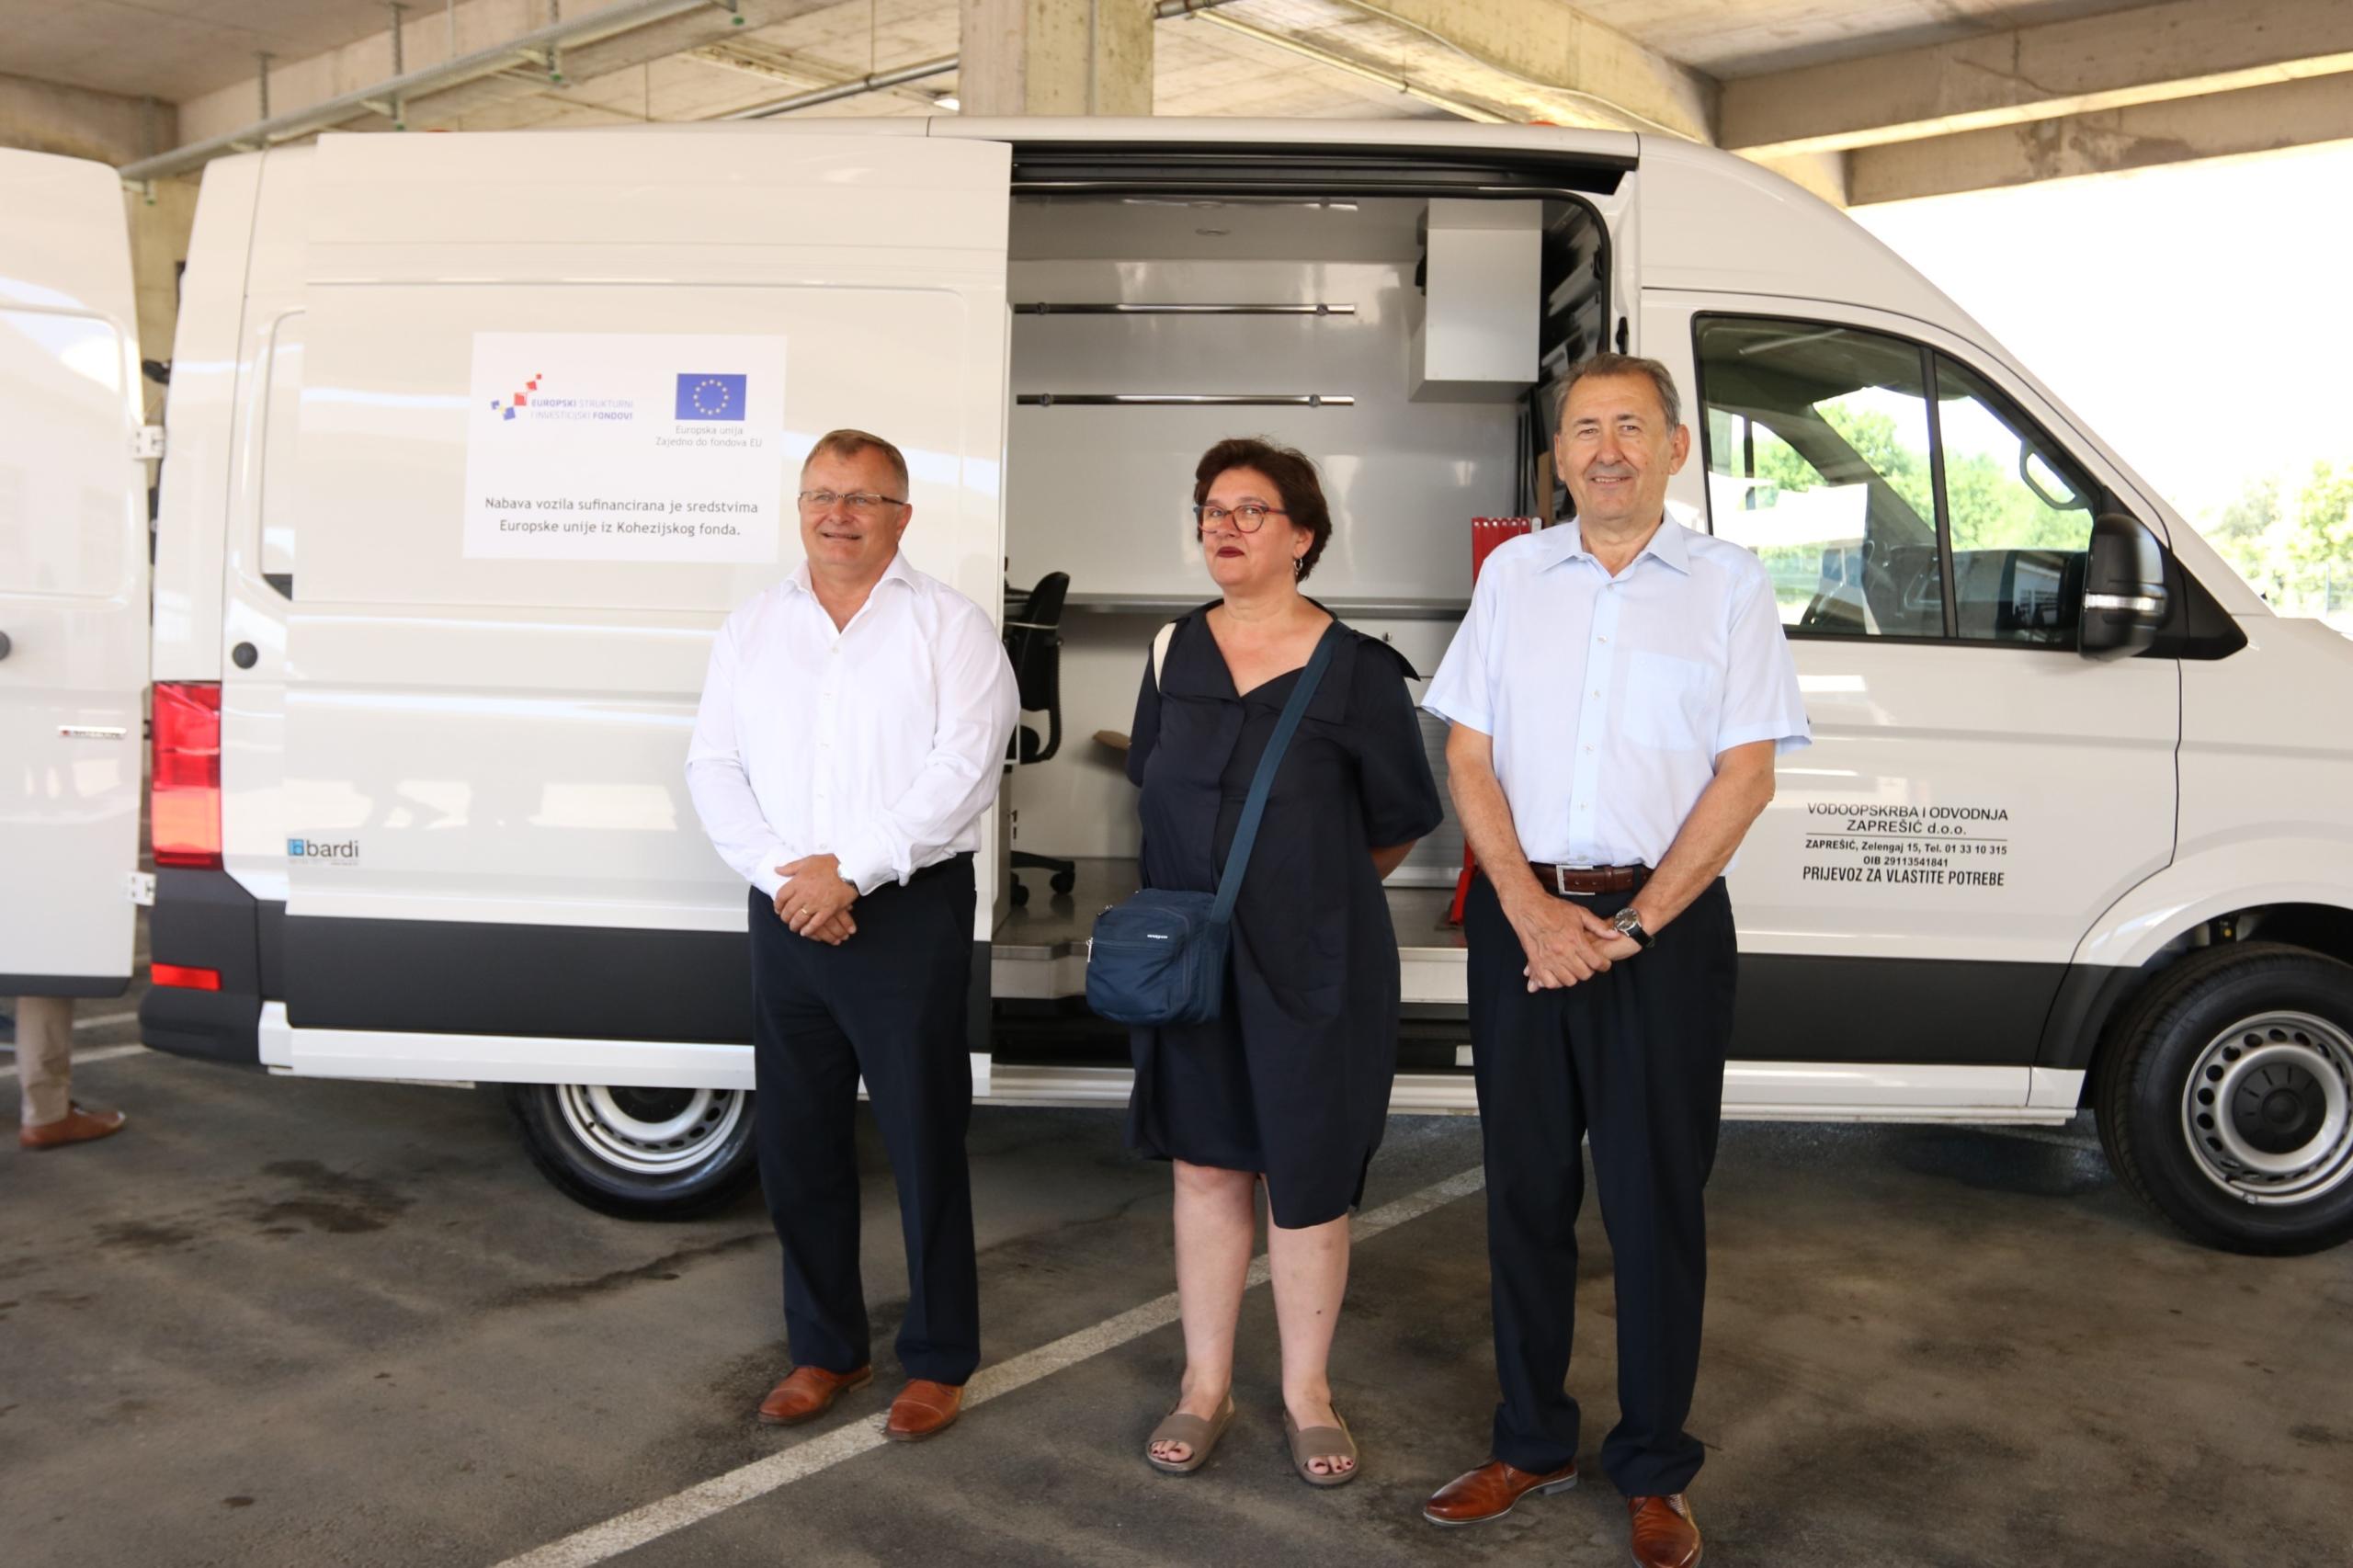 Govornici Turk, Cerar i Majcen ispred vozila za CCTV inspekciju